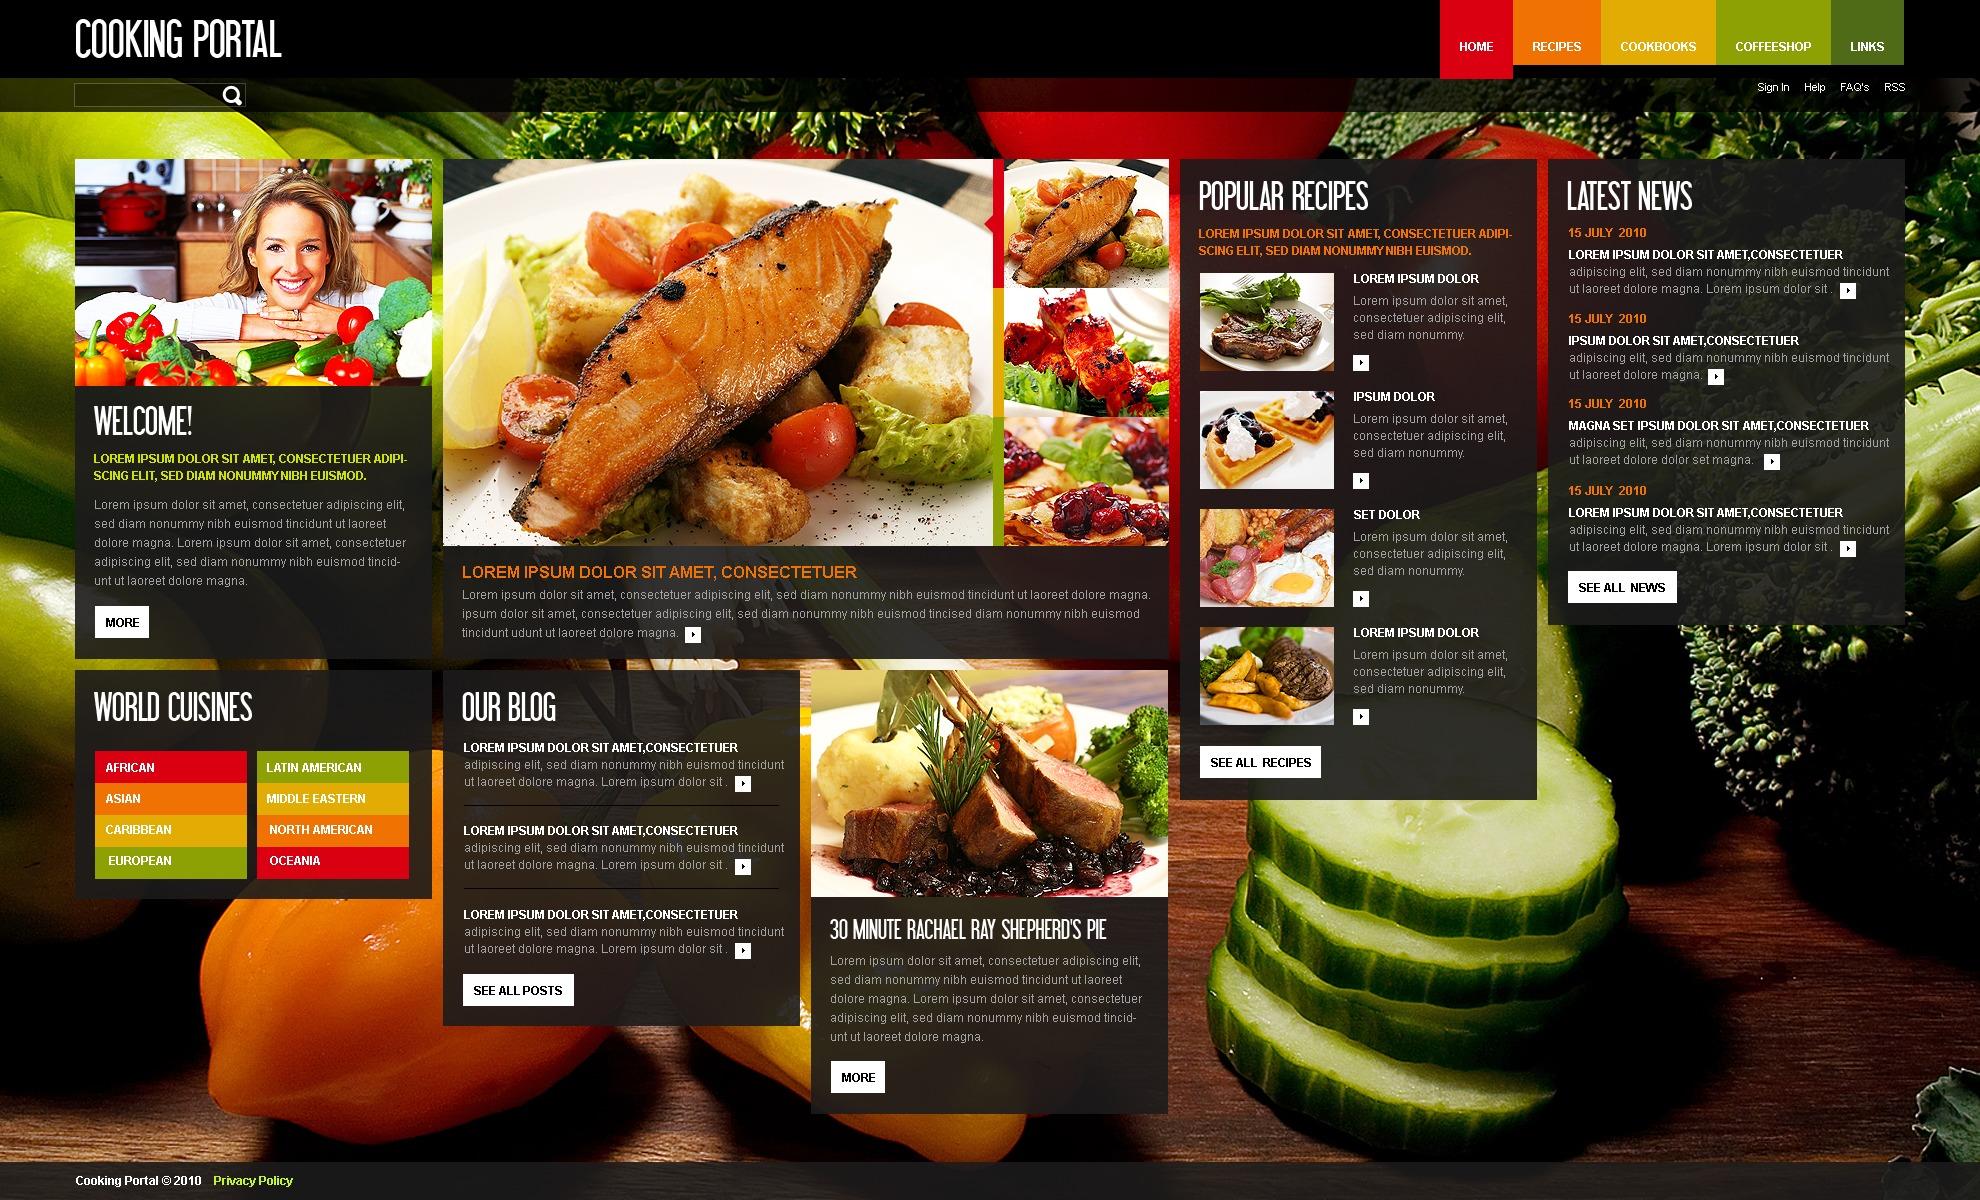 Template siti web 33071 per un sito di cucina for Siti di ricette cucina